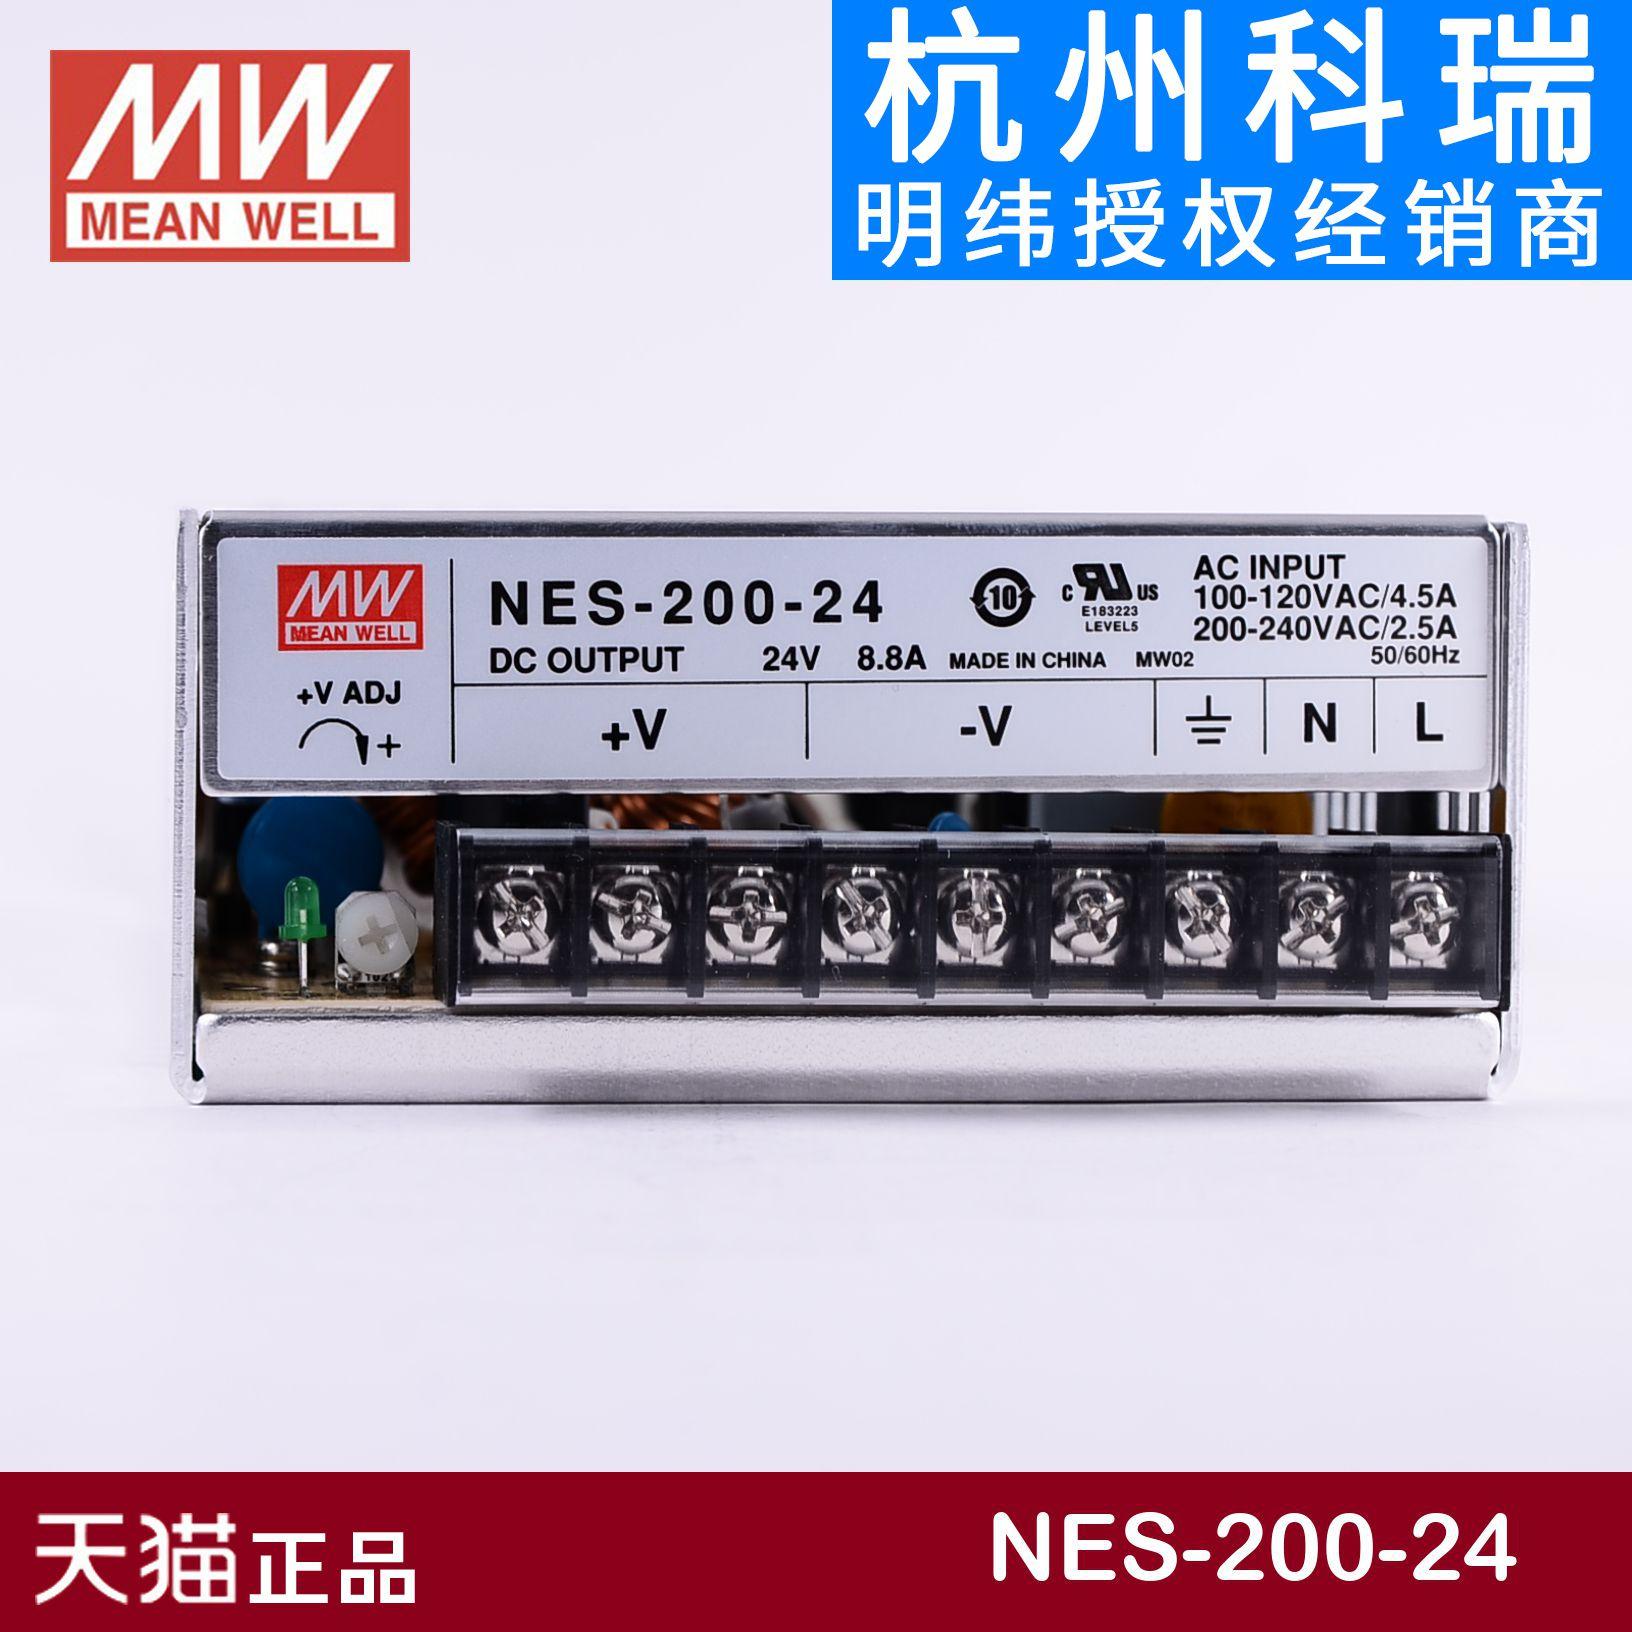 Η παροχή ενέργειας στην Ταϊβάν γουέι. NES-200-24 200w μεγάλη δύναμη σταθερότητας για βιομηχανική χρήση για S-200-24 24v